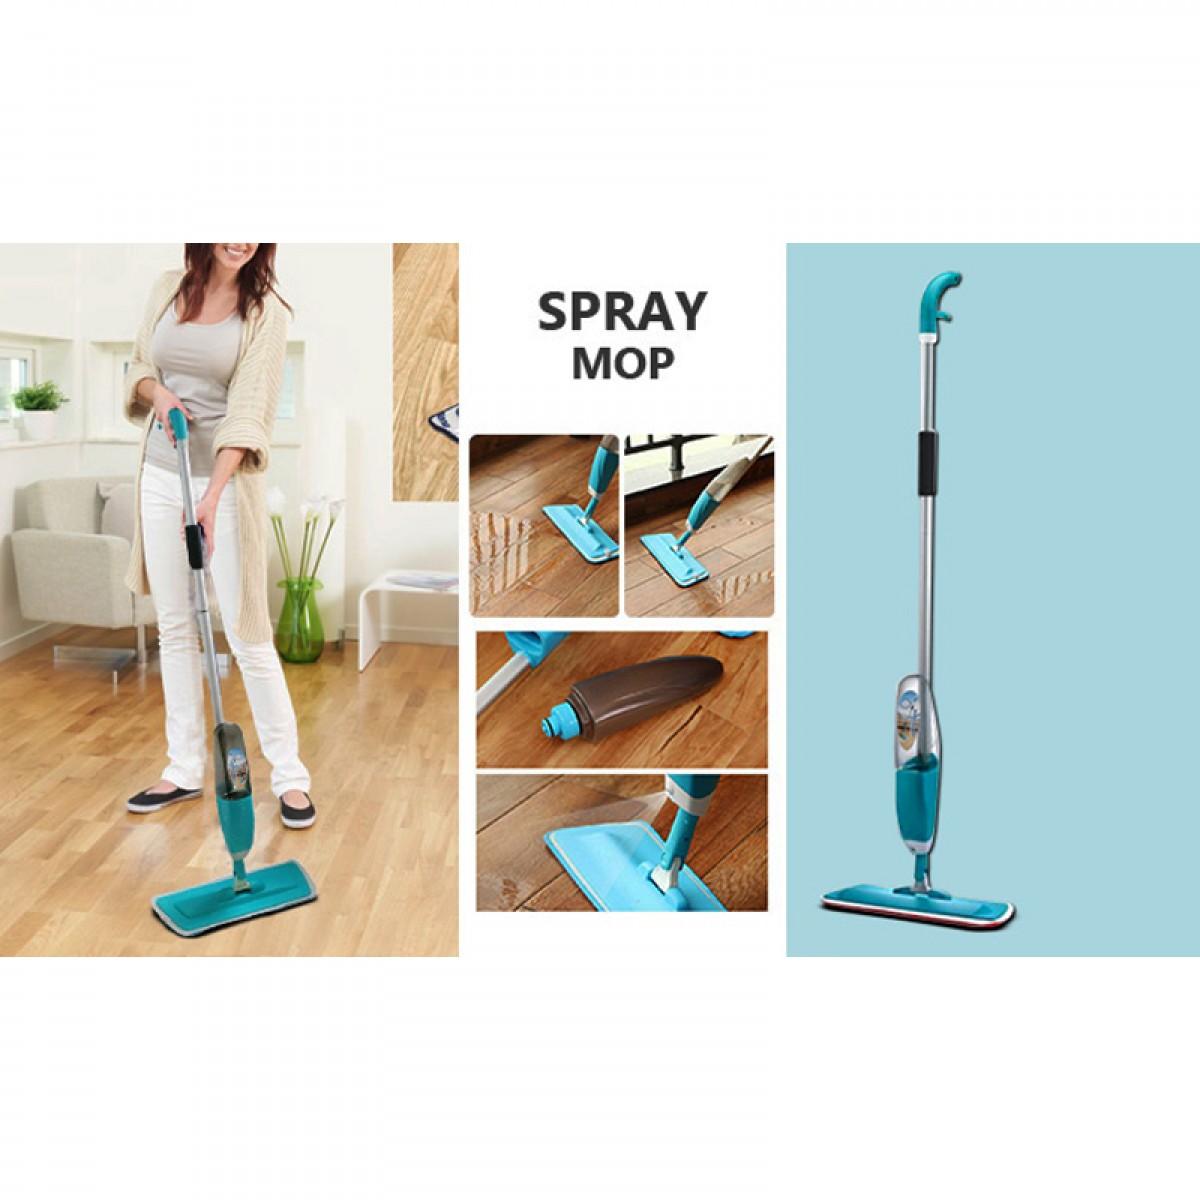 Σφουγγαρίστρα - Παρκετέζα με σπρέι ψεκασμού και μικροΐνες - Healthy Spray Mop